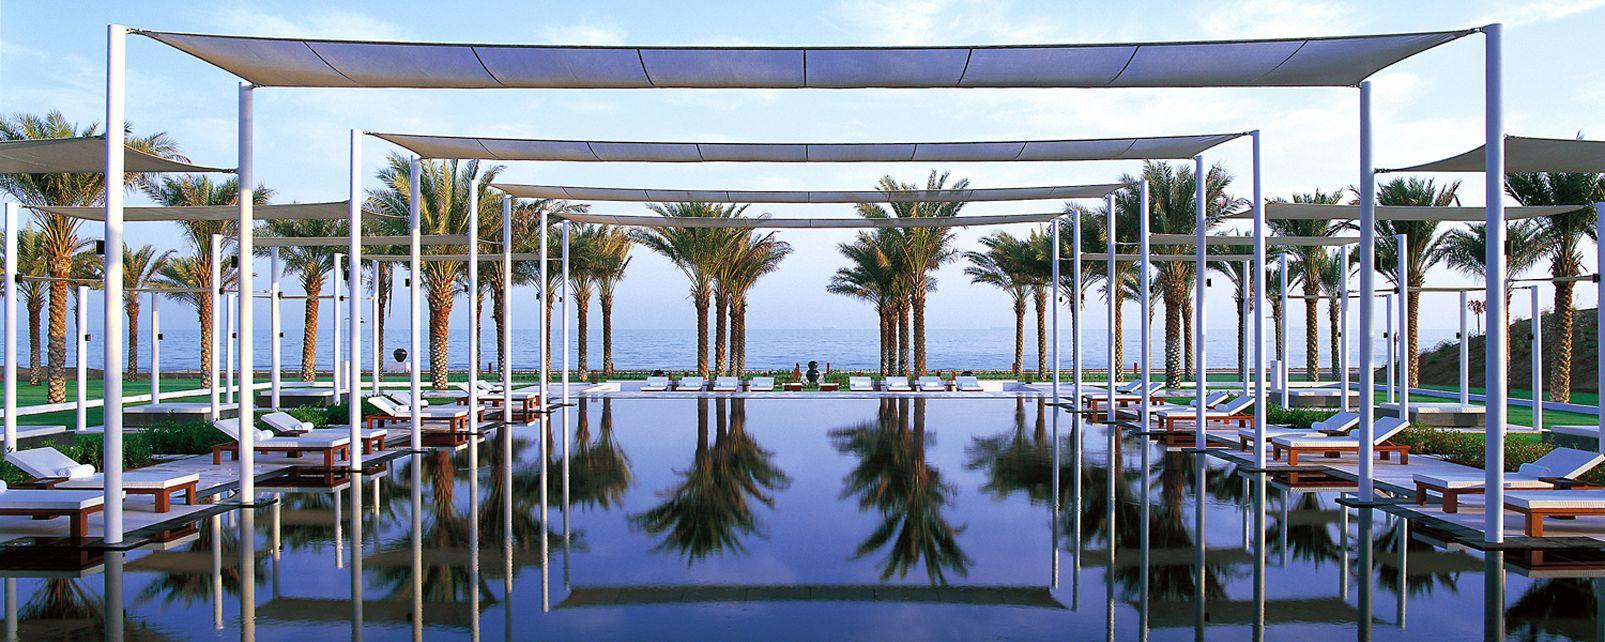 The Chedi Muscat, el resort ideal para descubrir Omán